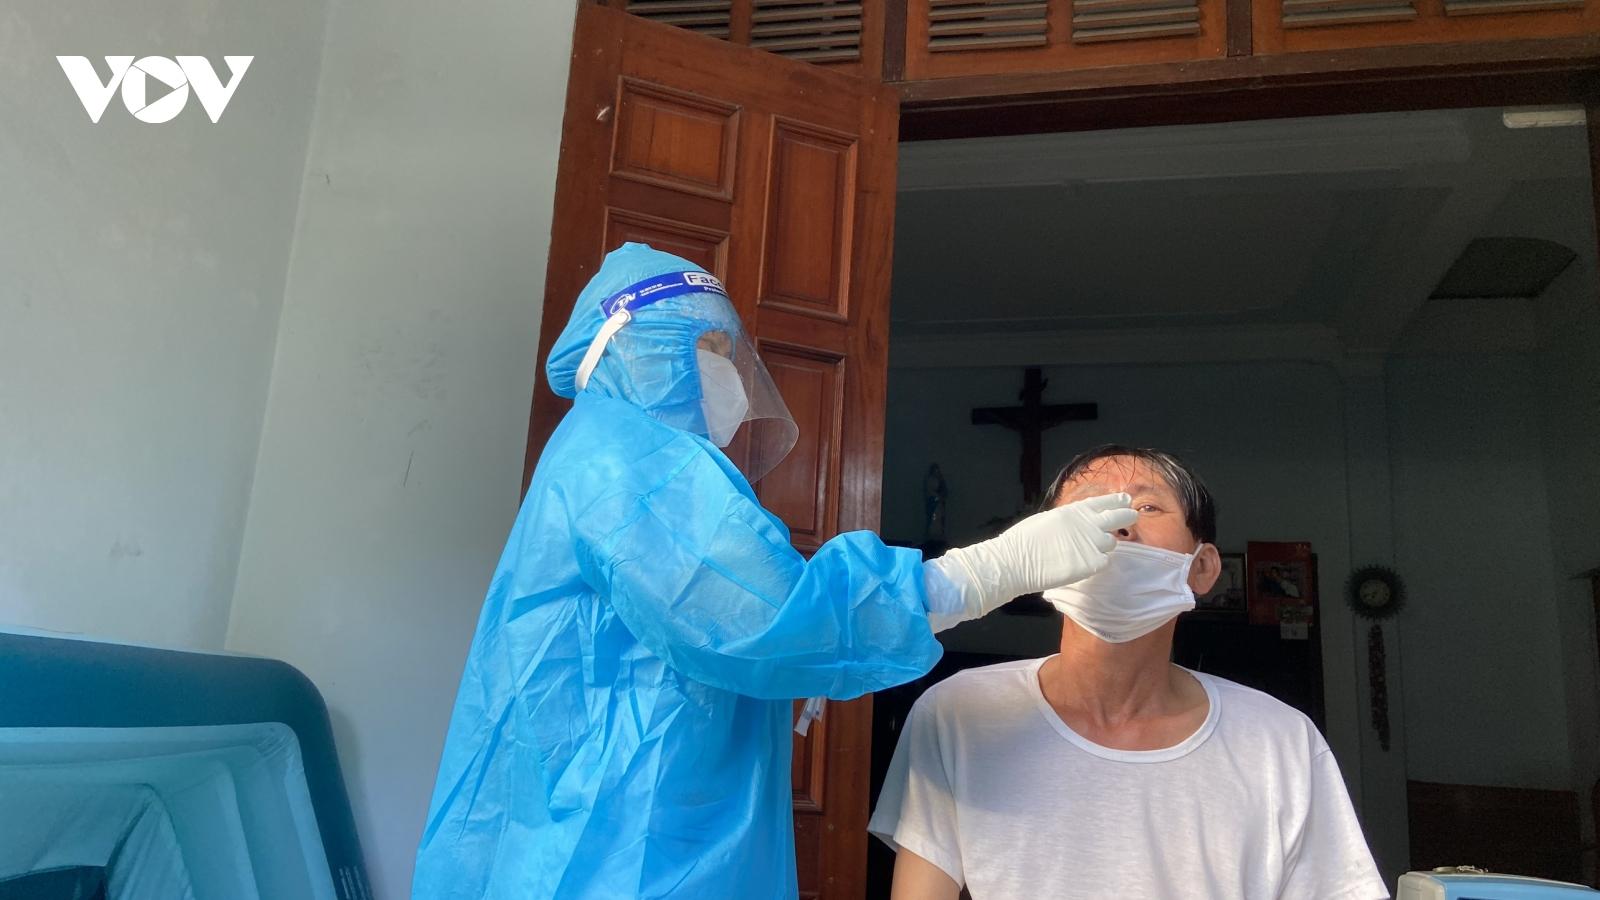 Hà Tĩnh cóthêm 2 trường hợp mắc COVID-19 liên quan đến chùm ca bệnh ở huyện Thạch Hà